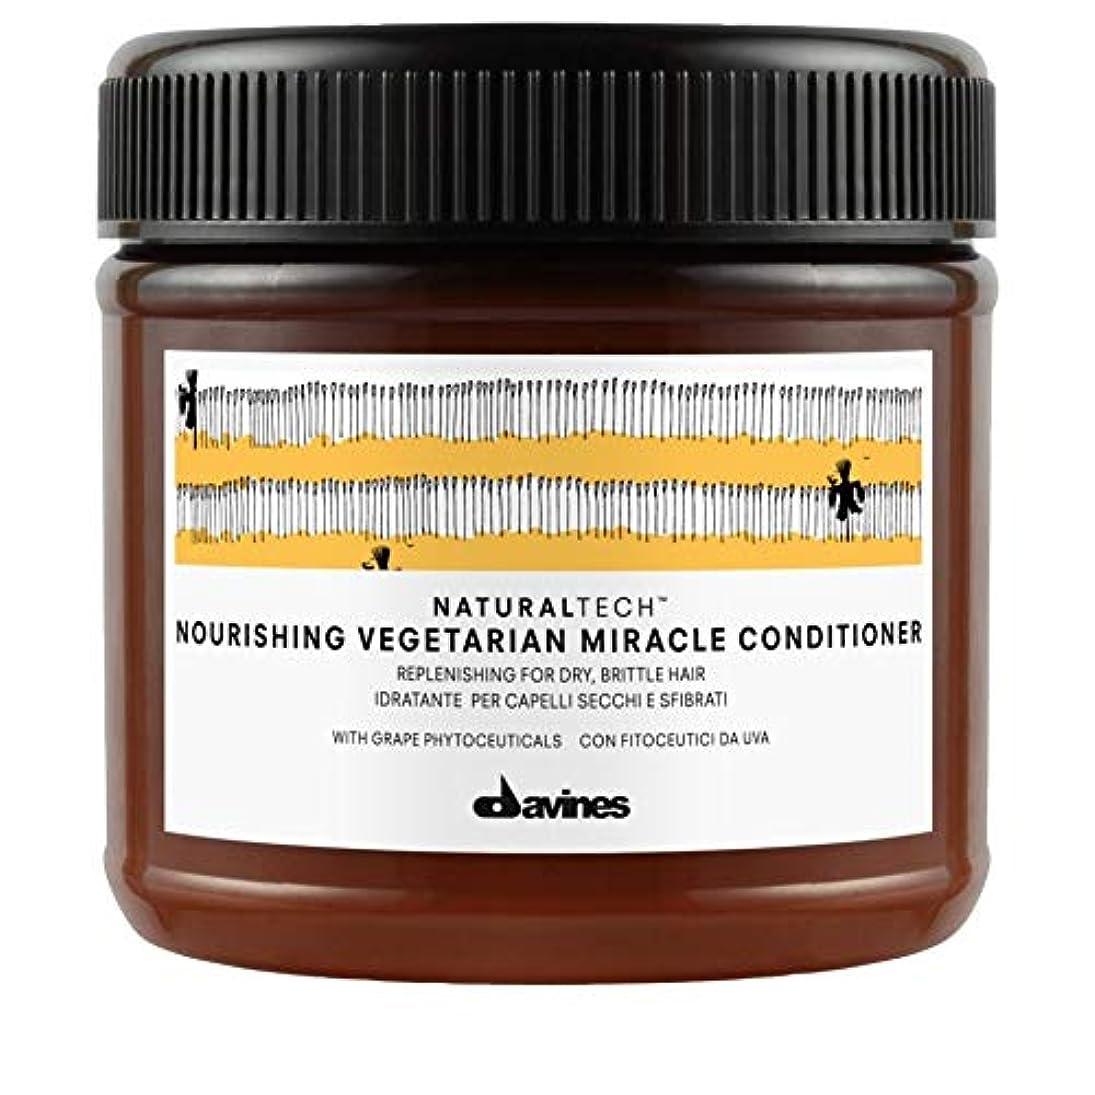 デッドロック定期的な論理[Davines ] ダヴィネス栄養ベジタリアン奇跡のコンディショナー250Ml - Davines Nourishing Vegetarian Miracle Conditioner 250ml [並行輸入品]